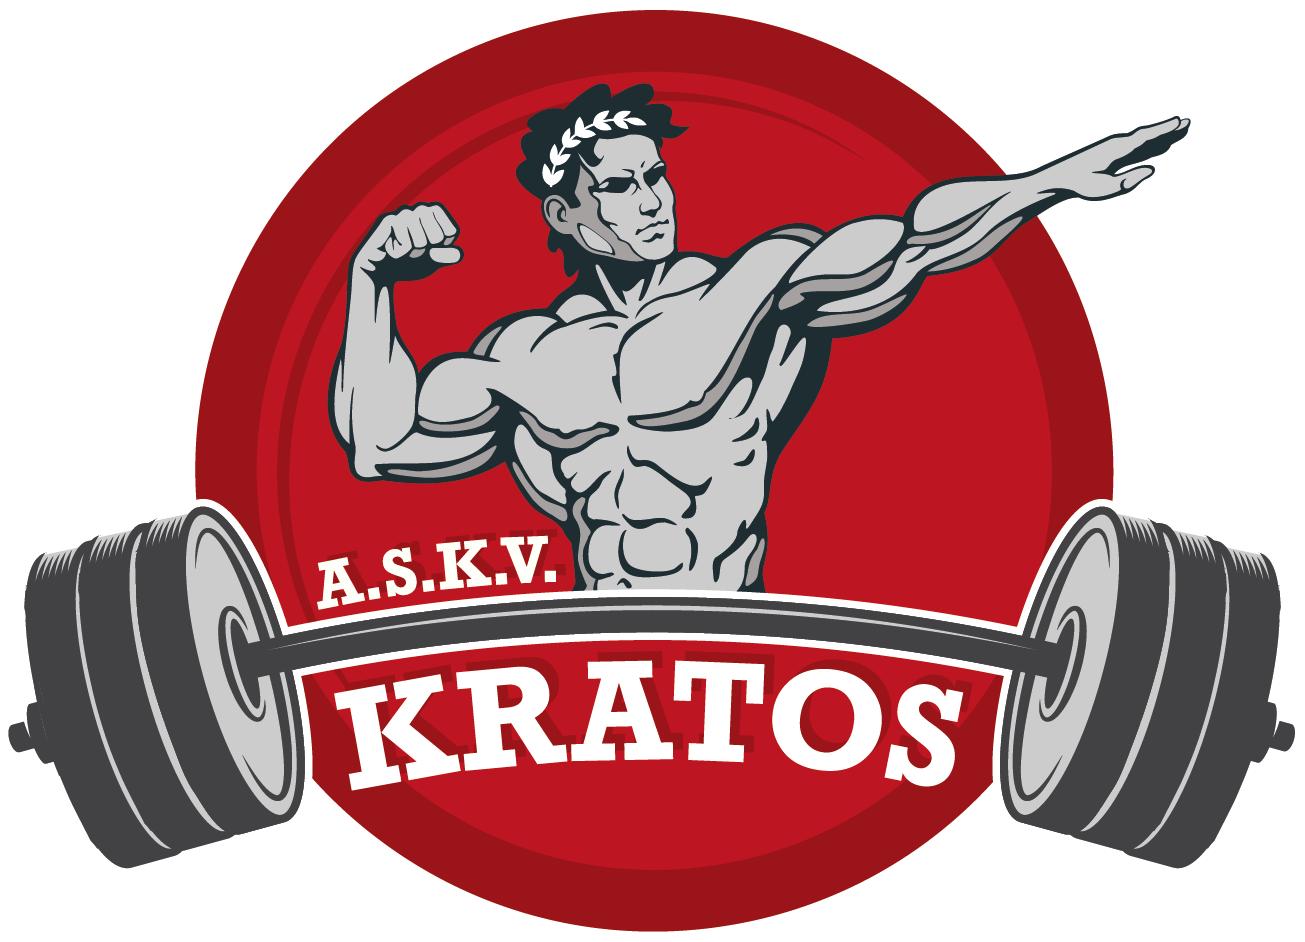 A.S.K.V. Kratos